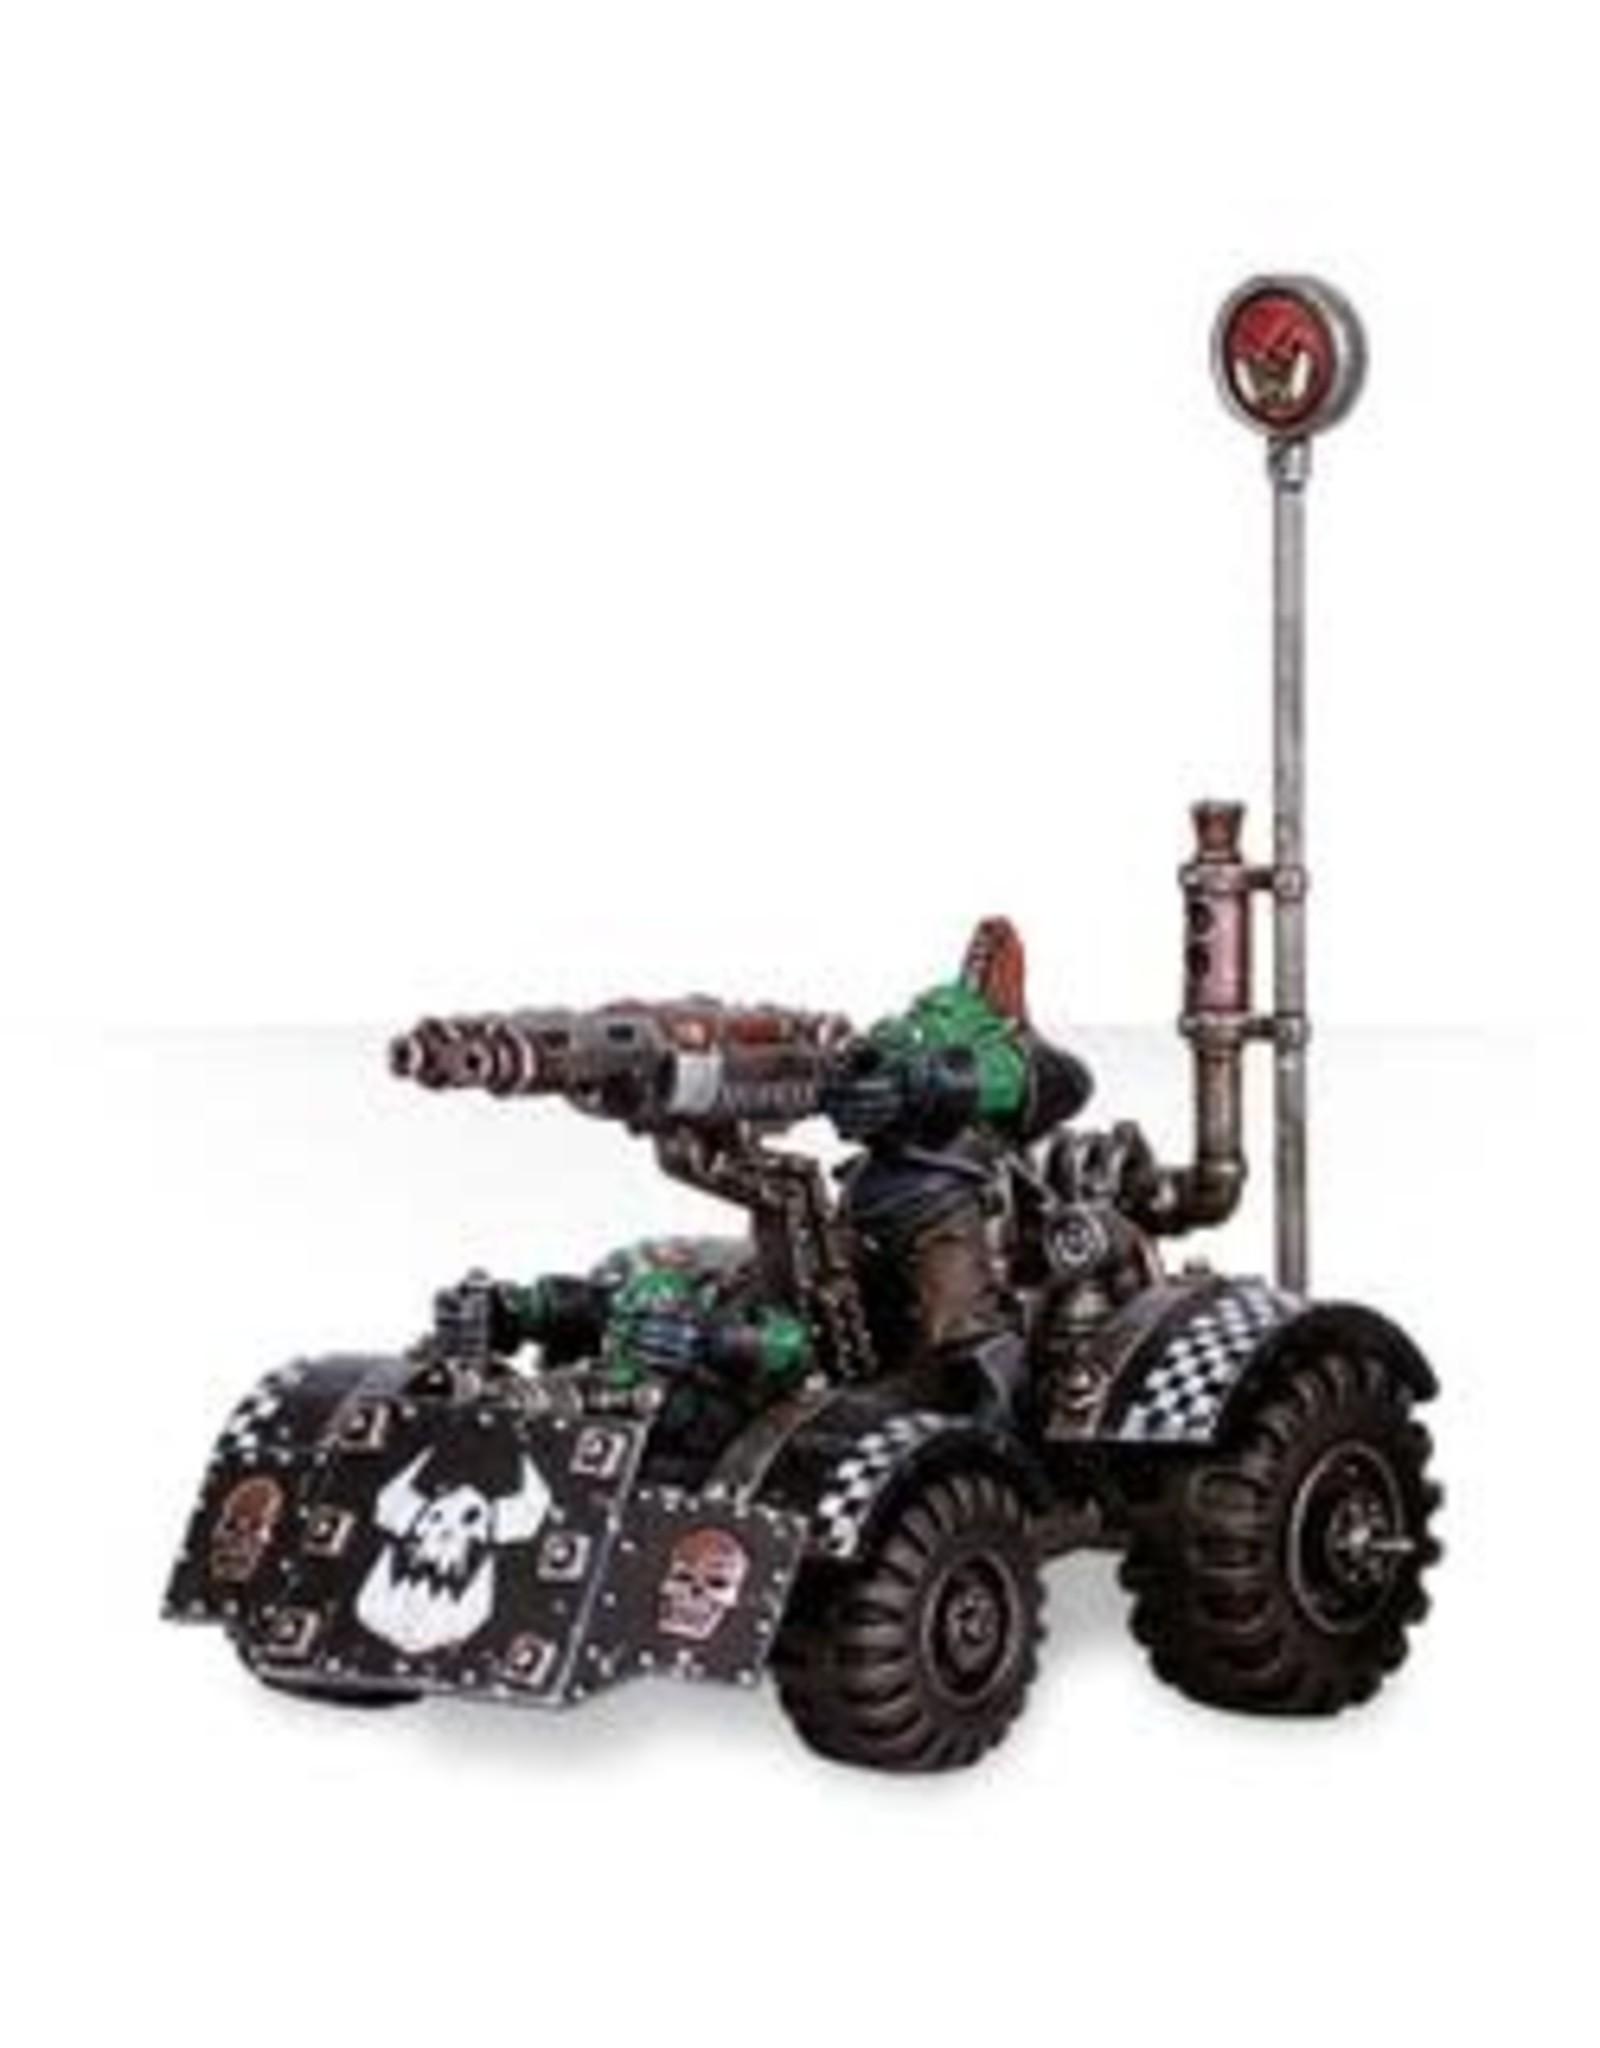 Warhammer 40k Orks Warbuggy